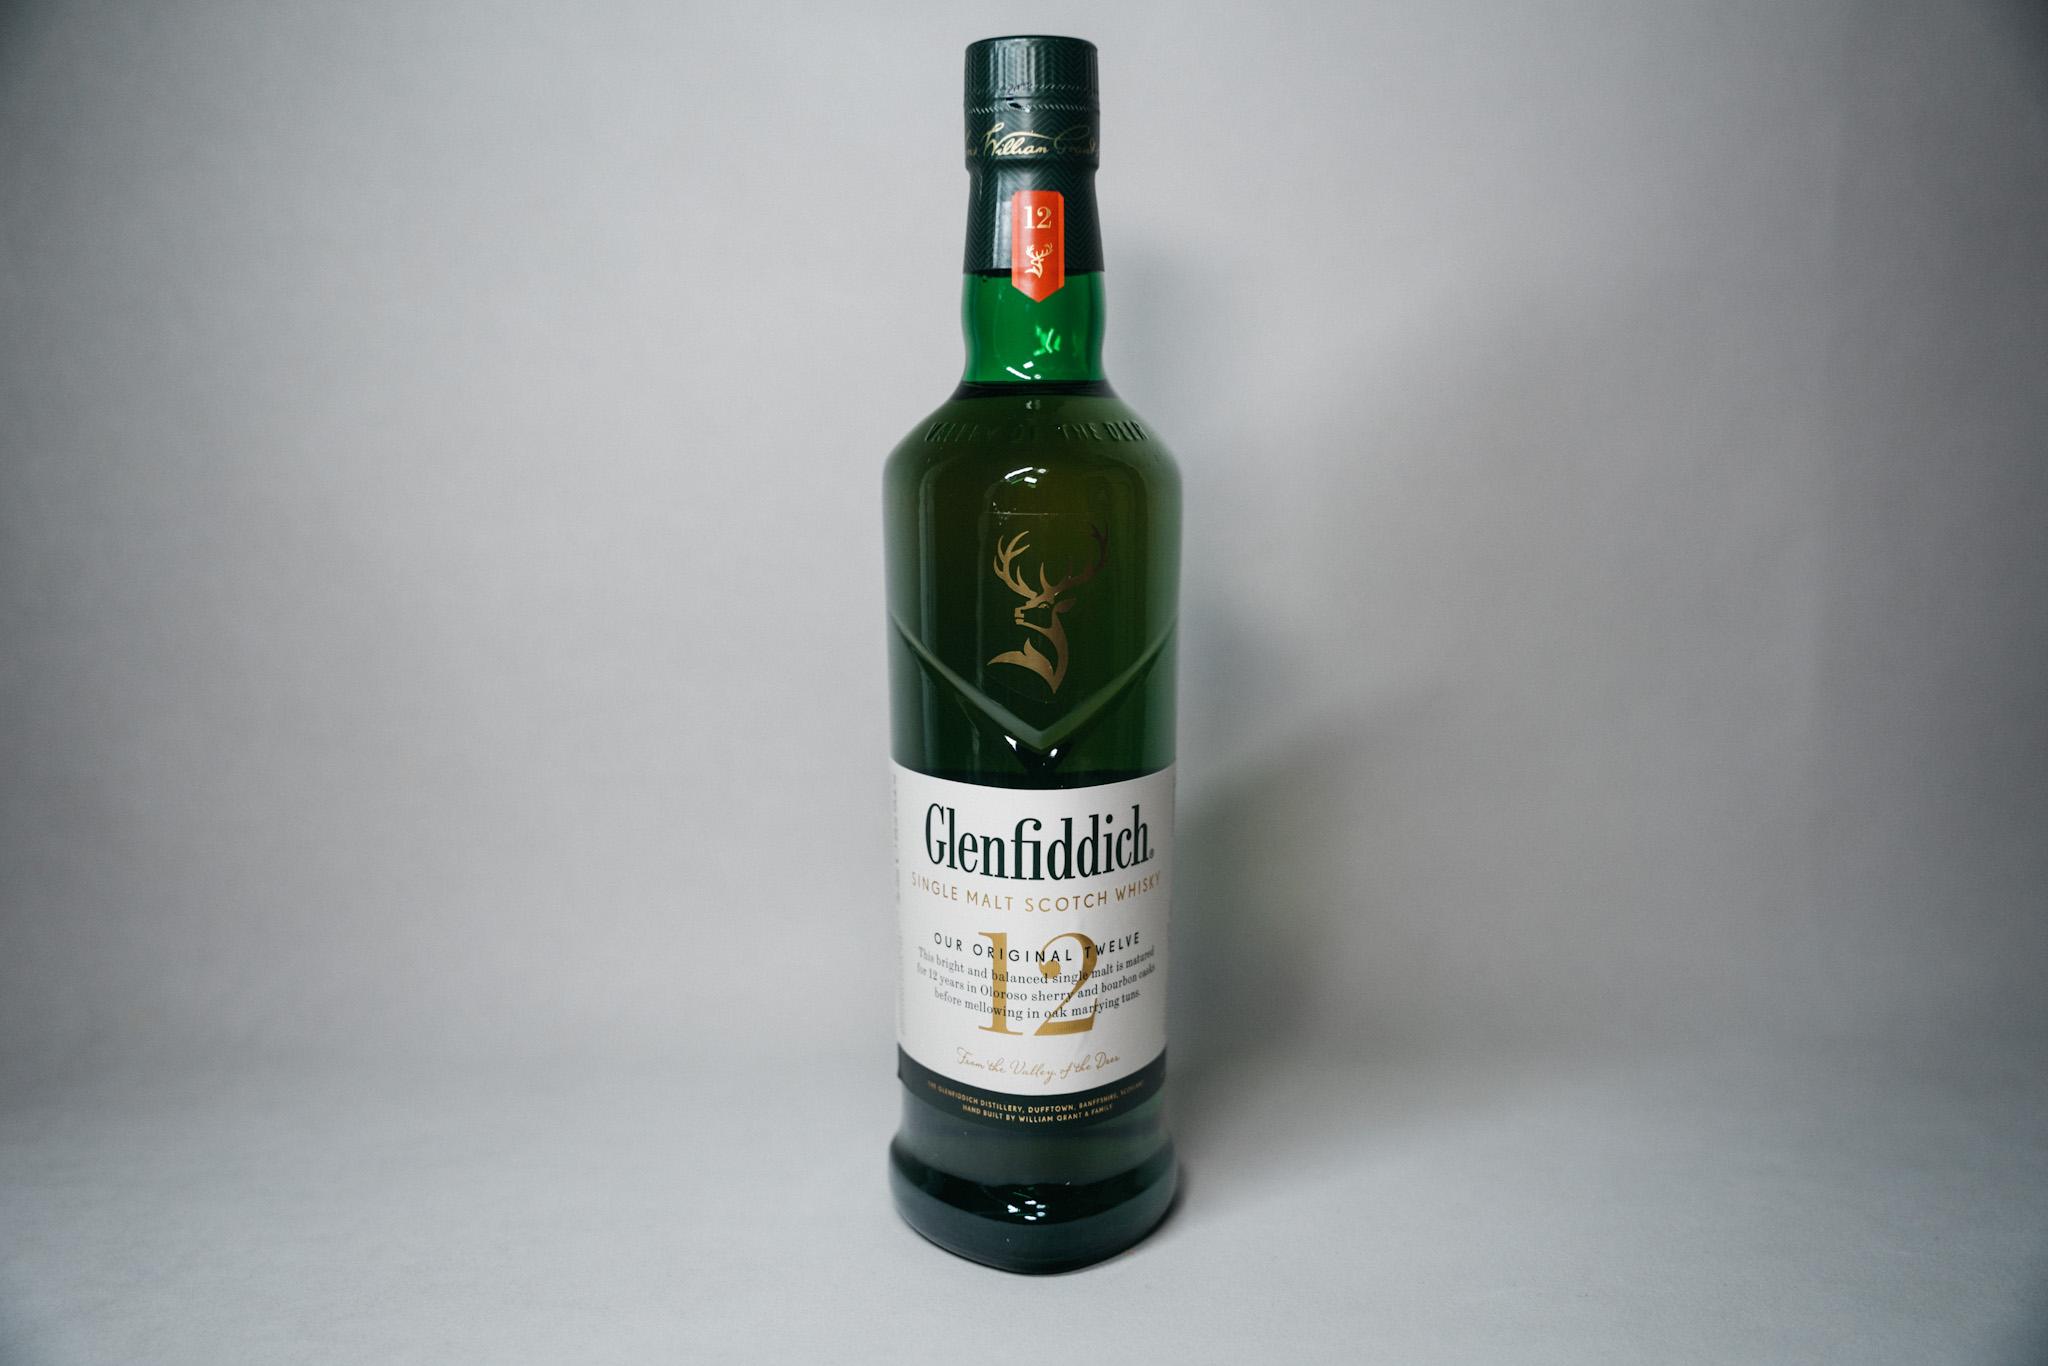 グレンフィディック12年はどんなウイスキー?